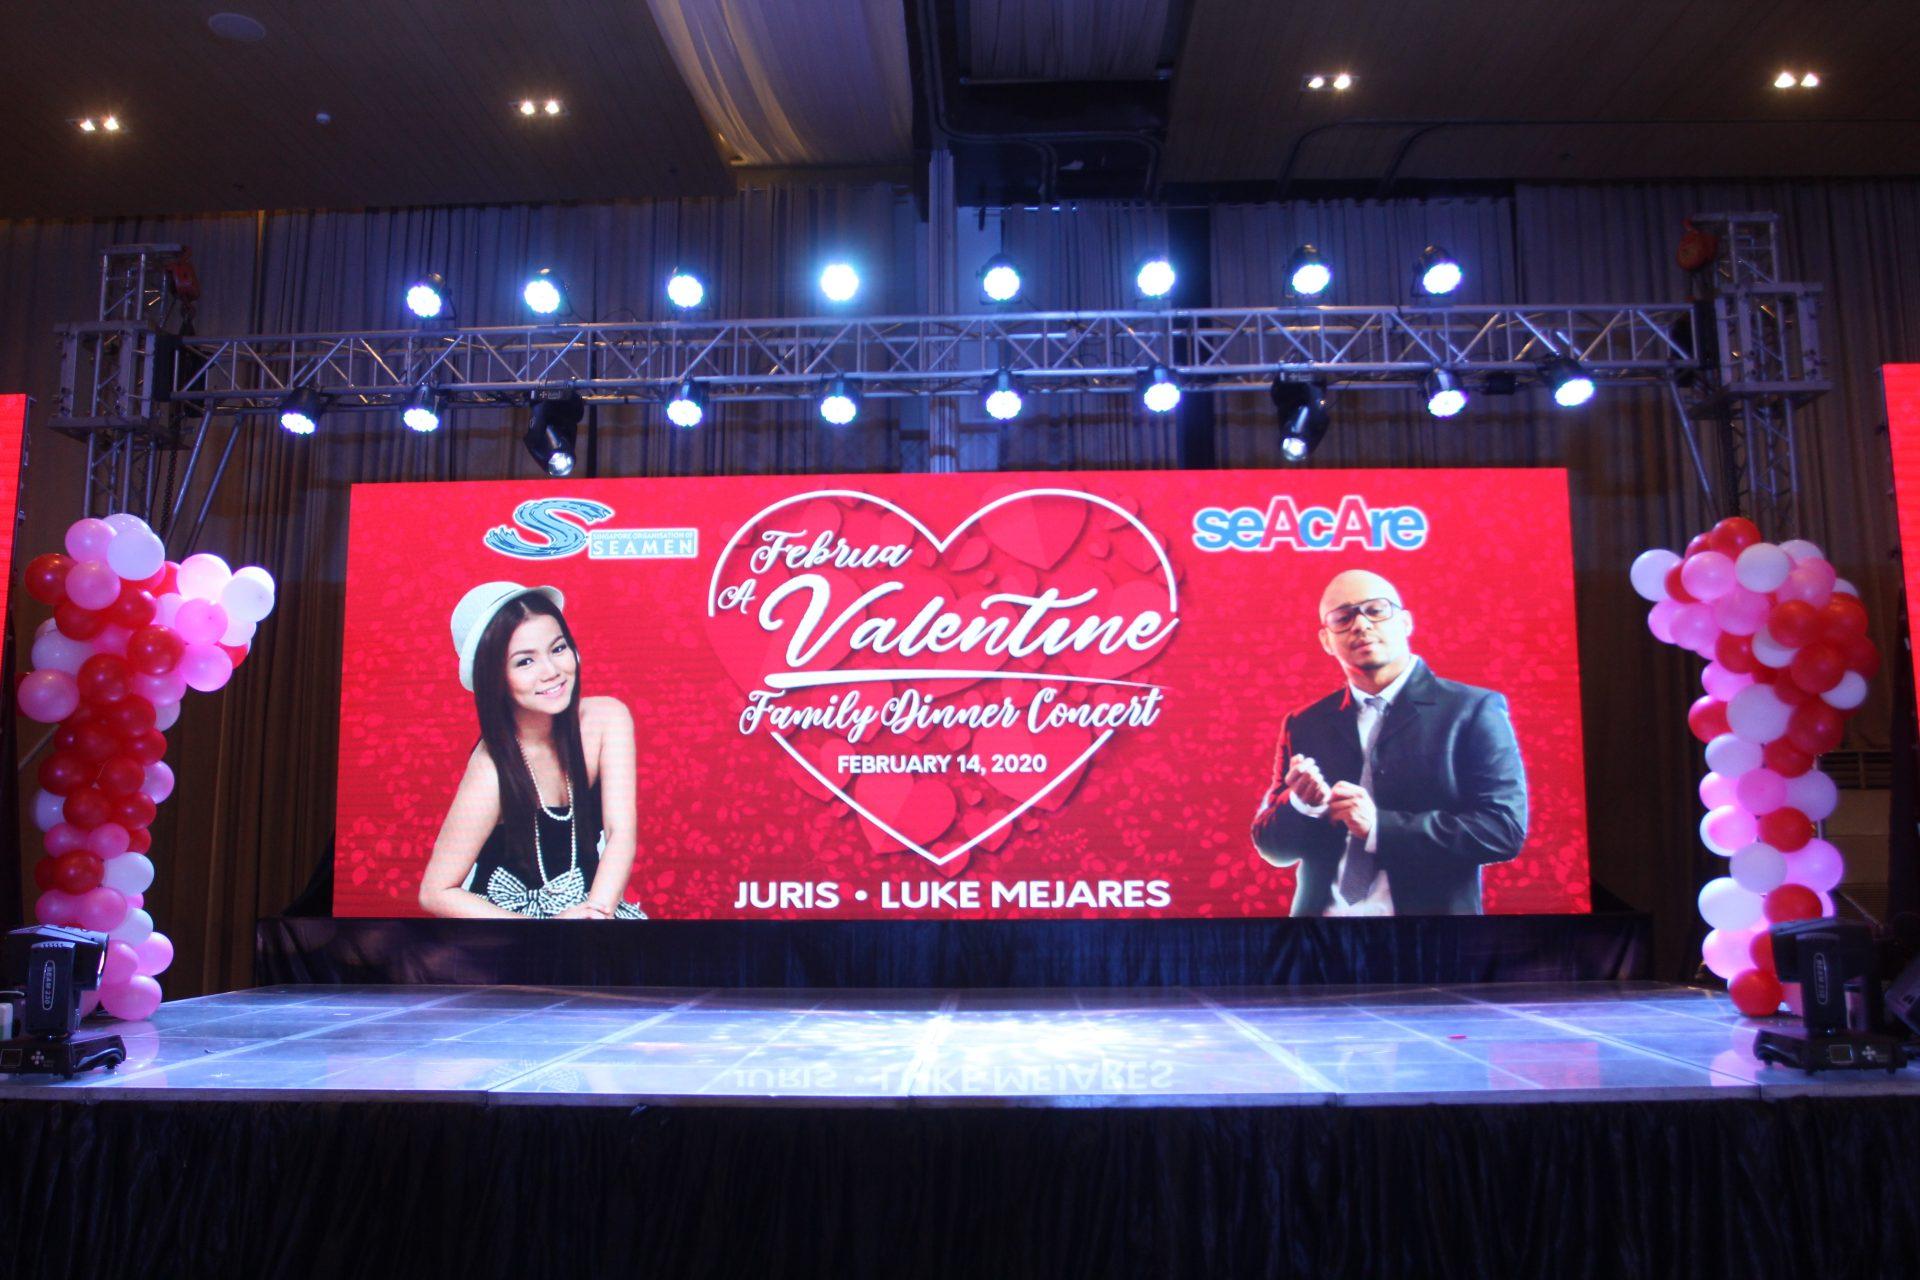 Manila Valentine's Day